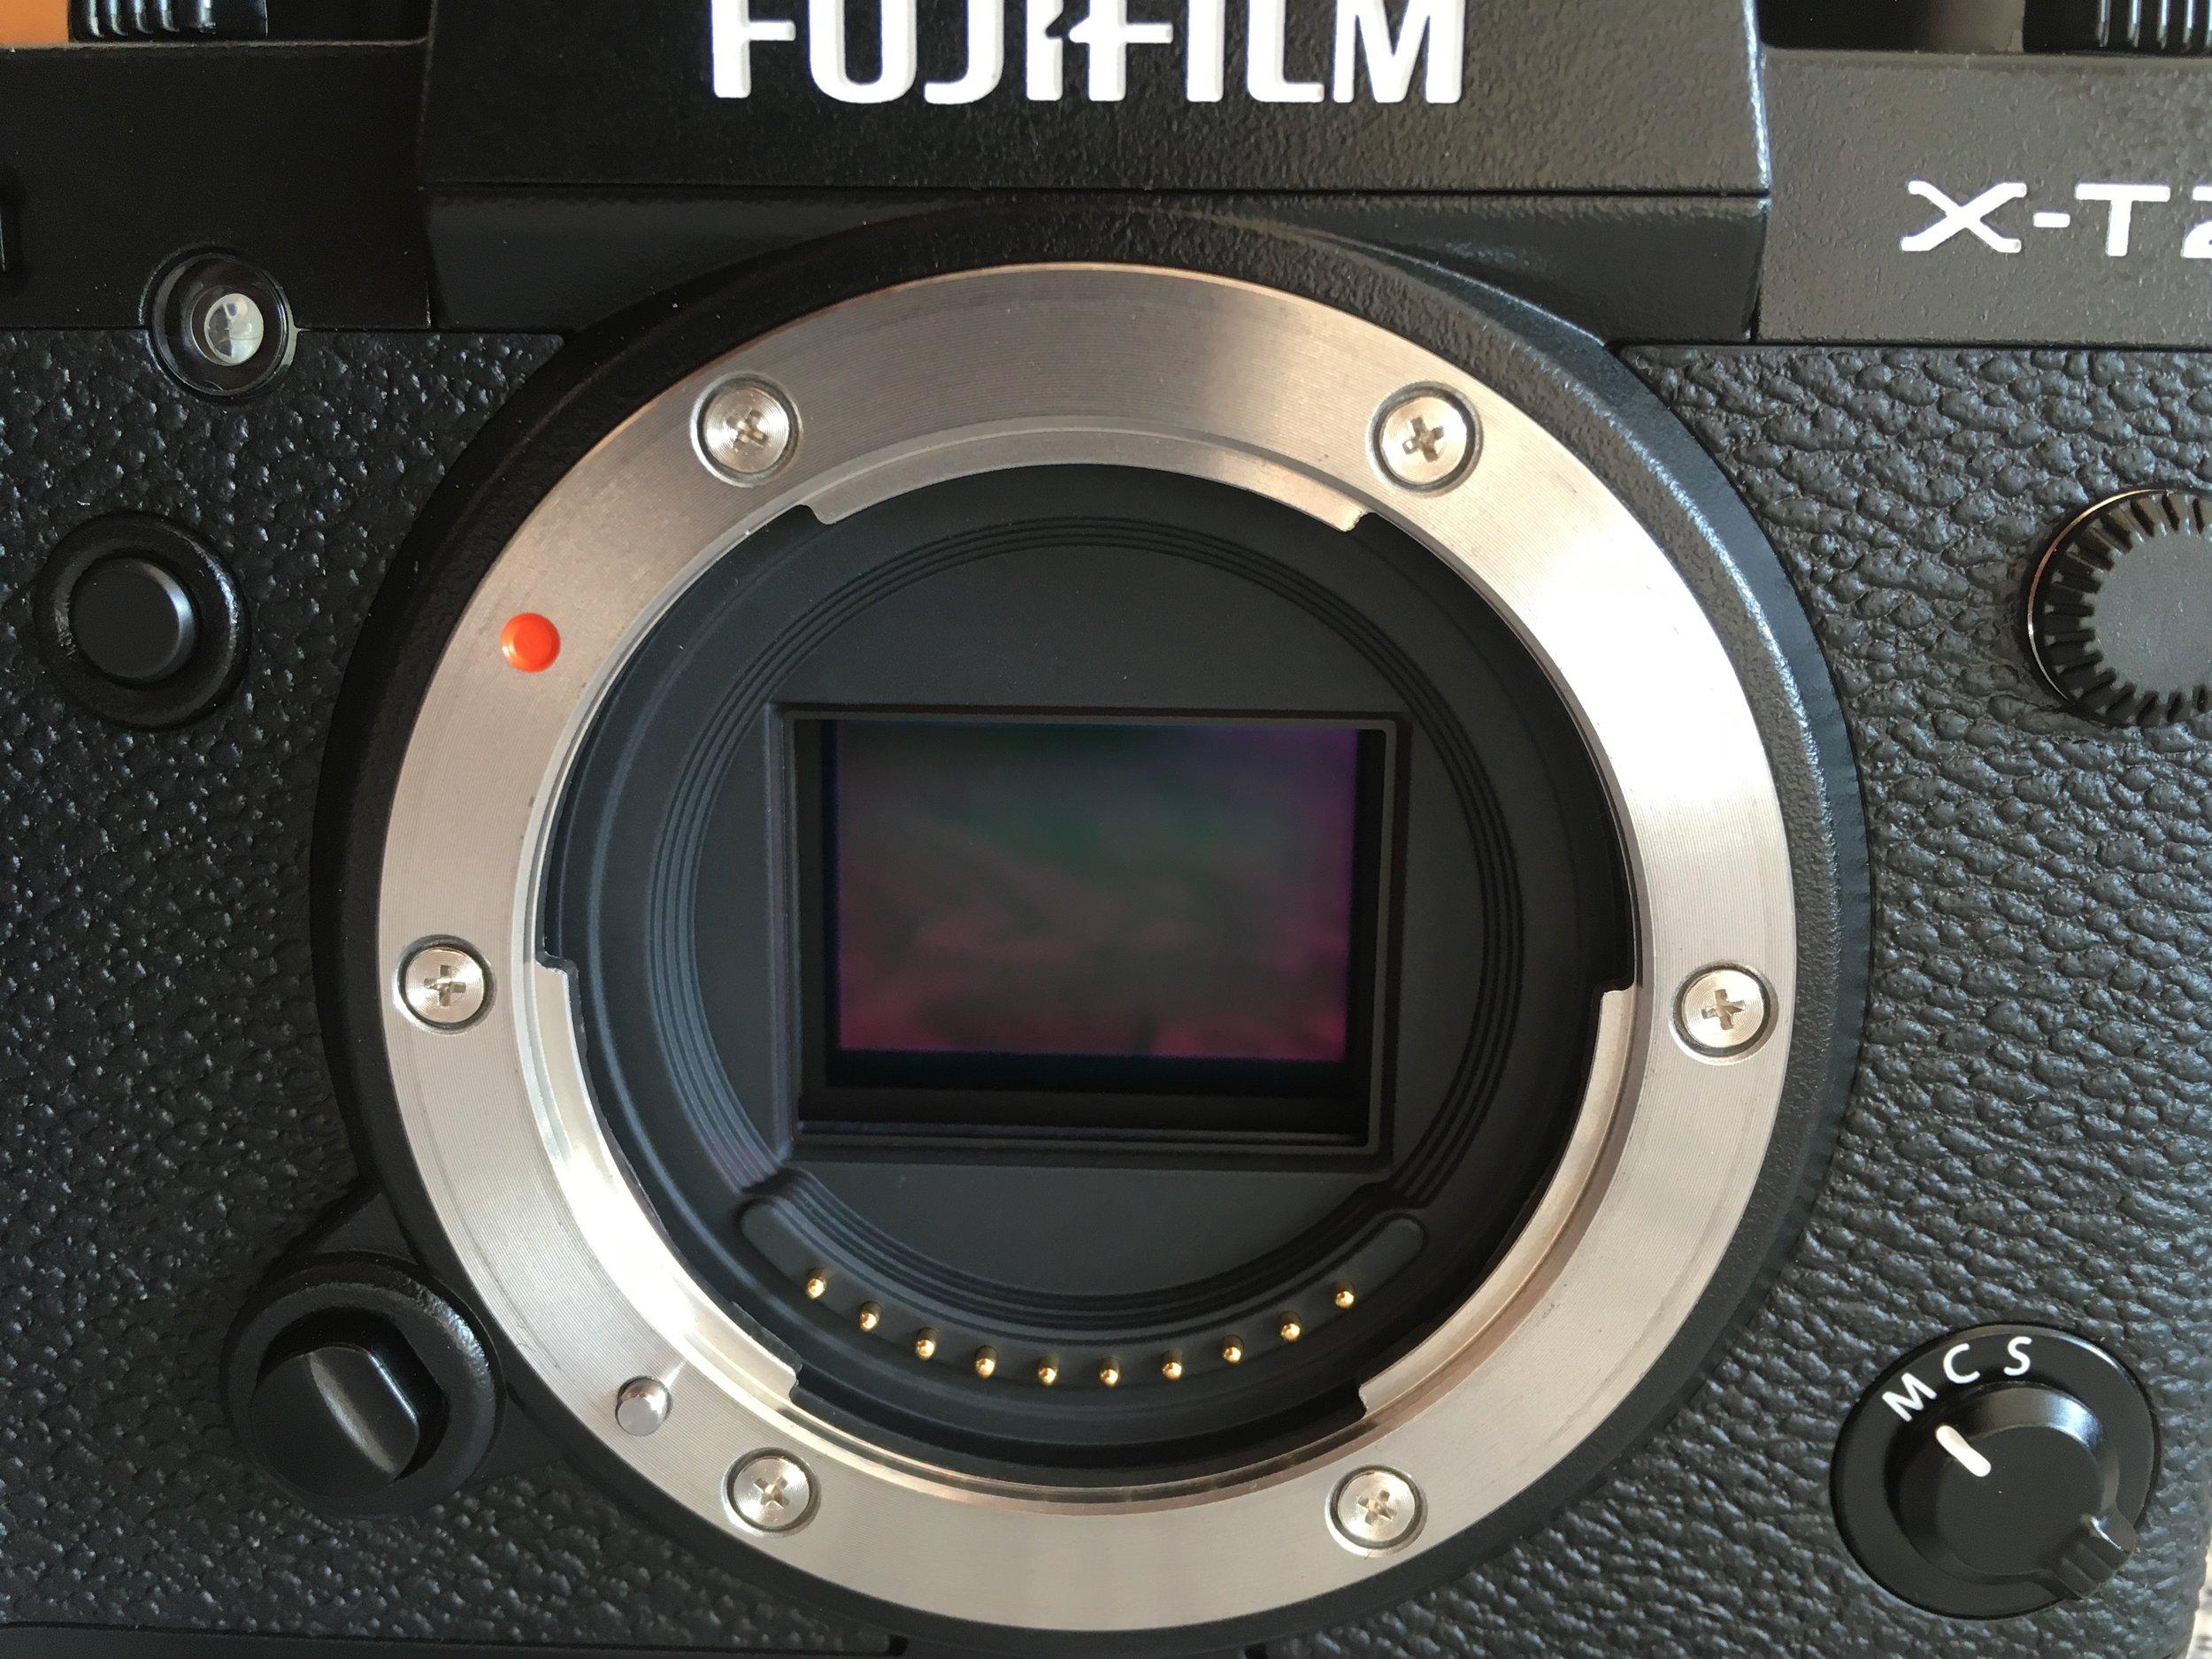 Fuji X-T2 Sensor - 'The Patient'